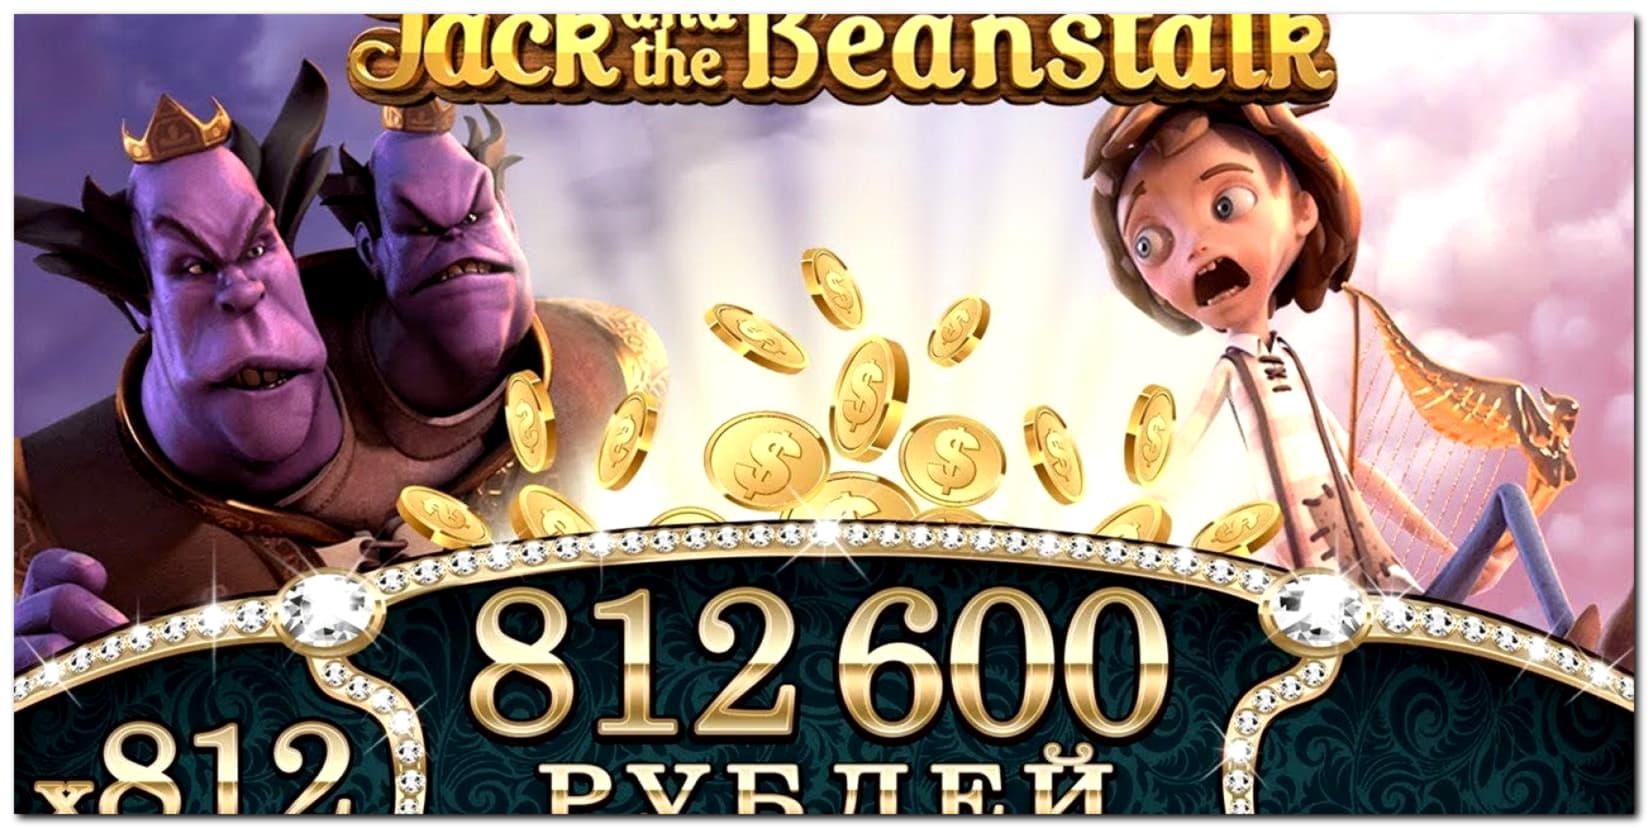 280% No Rules Bonus! at Spartan Slots Casino